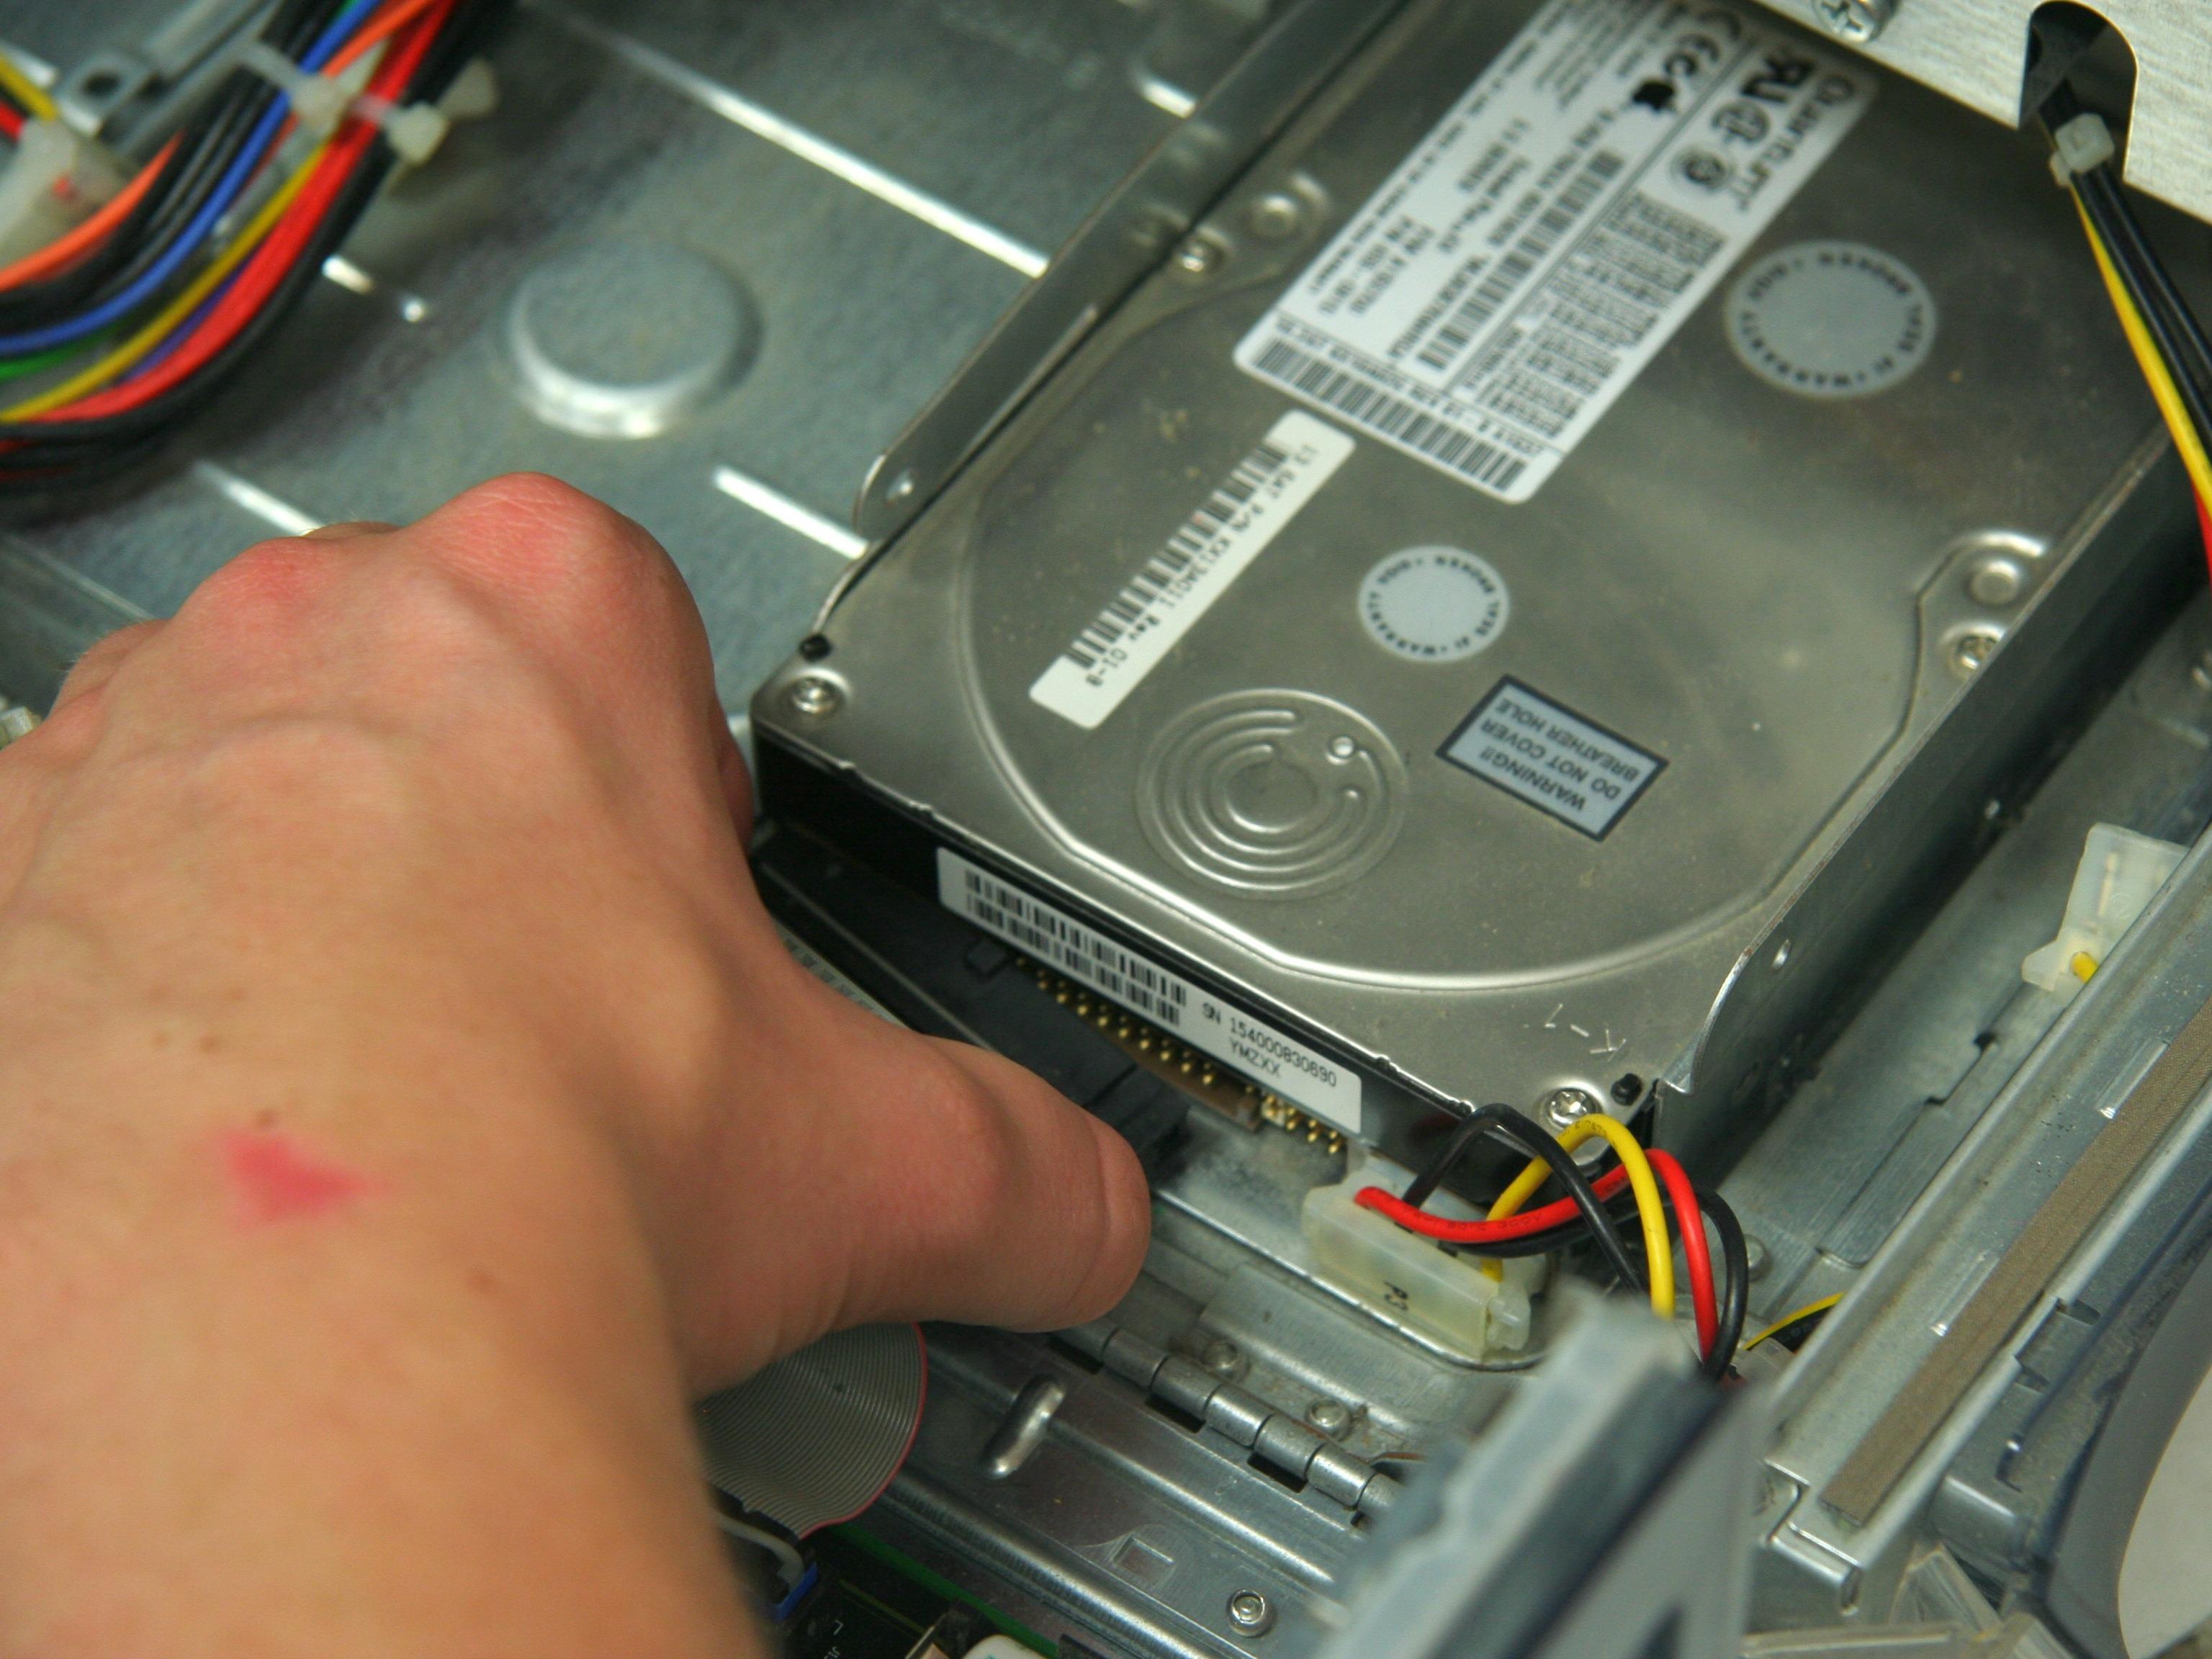 power mac g4 m5183 repair ifixit rh ifixit com power mac g4 quicksilver service manual power mac g4 repair manual